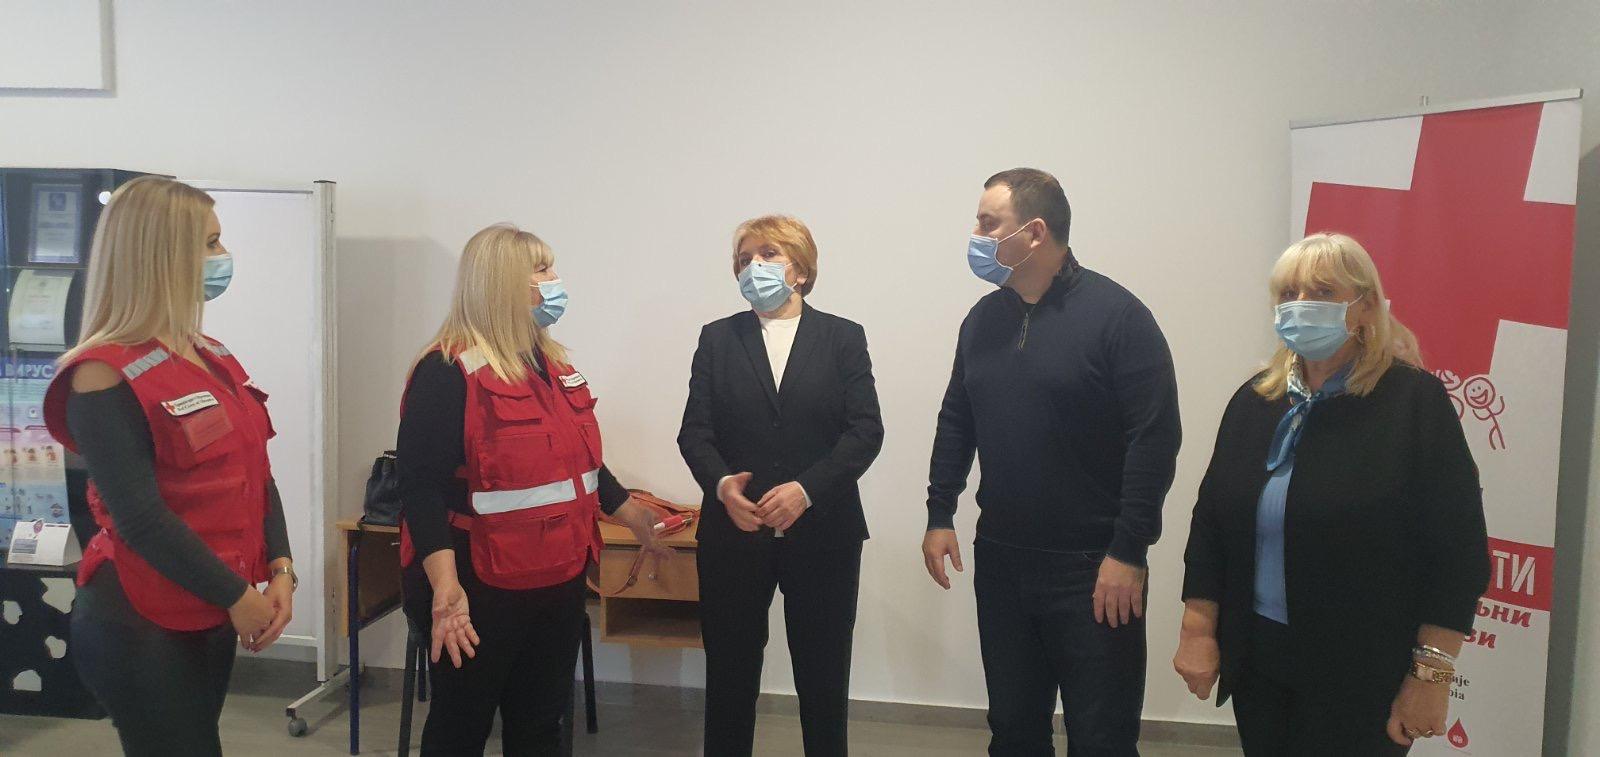 Проф. др. Даница Грујичић посетила просторије Црвеног крста у Обреновцу